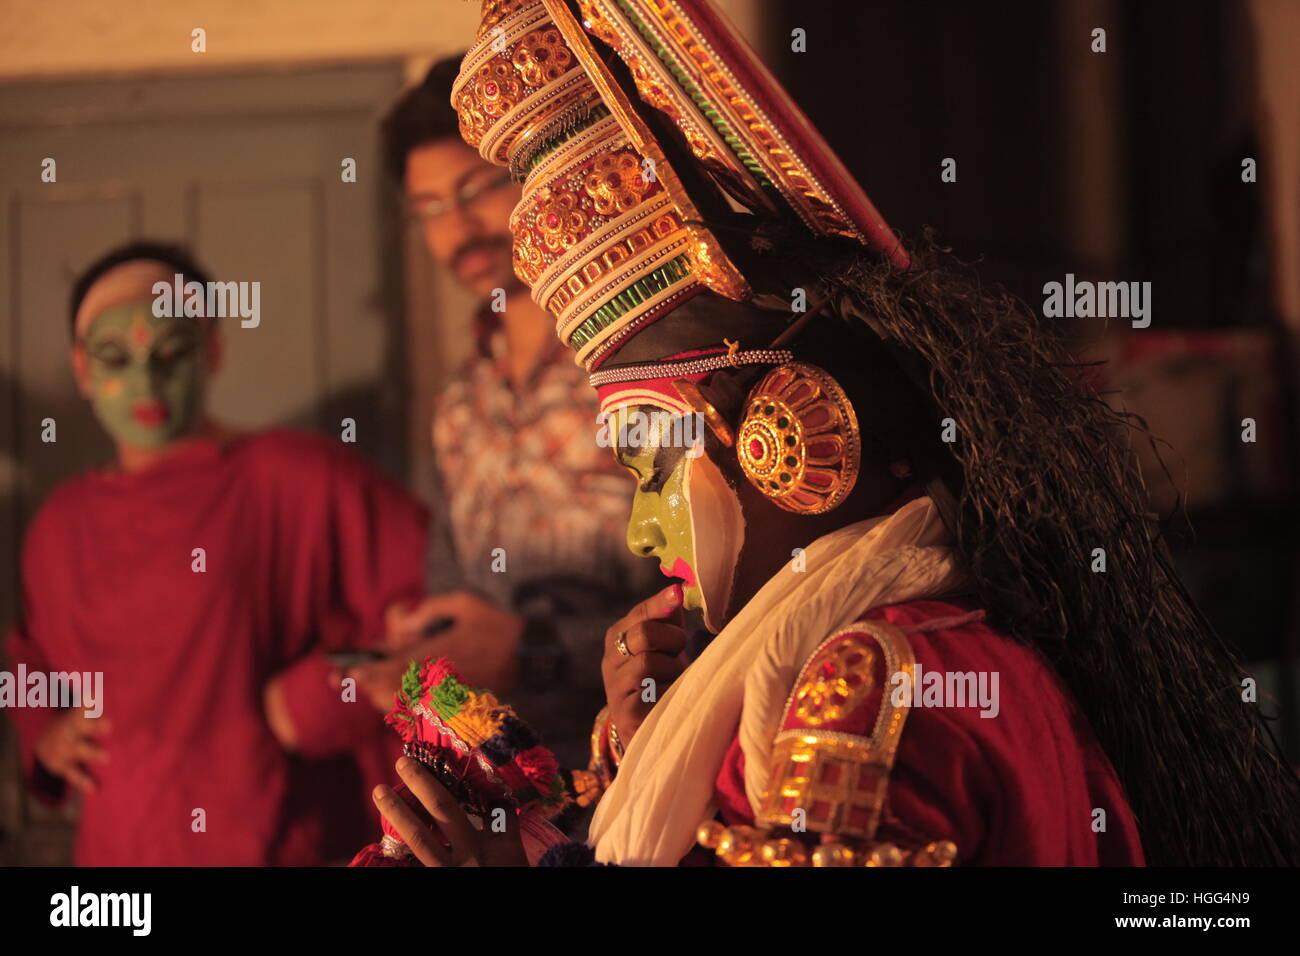 kathakali artist applying makeup - Stock Image